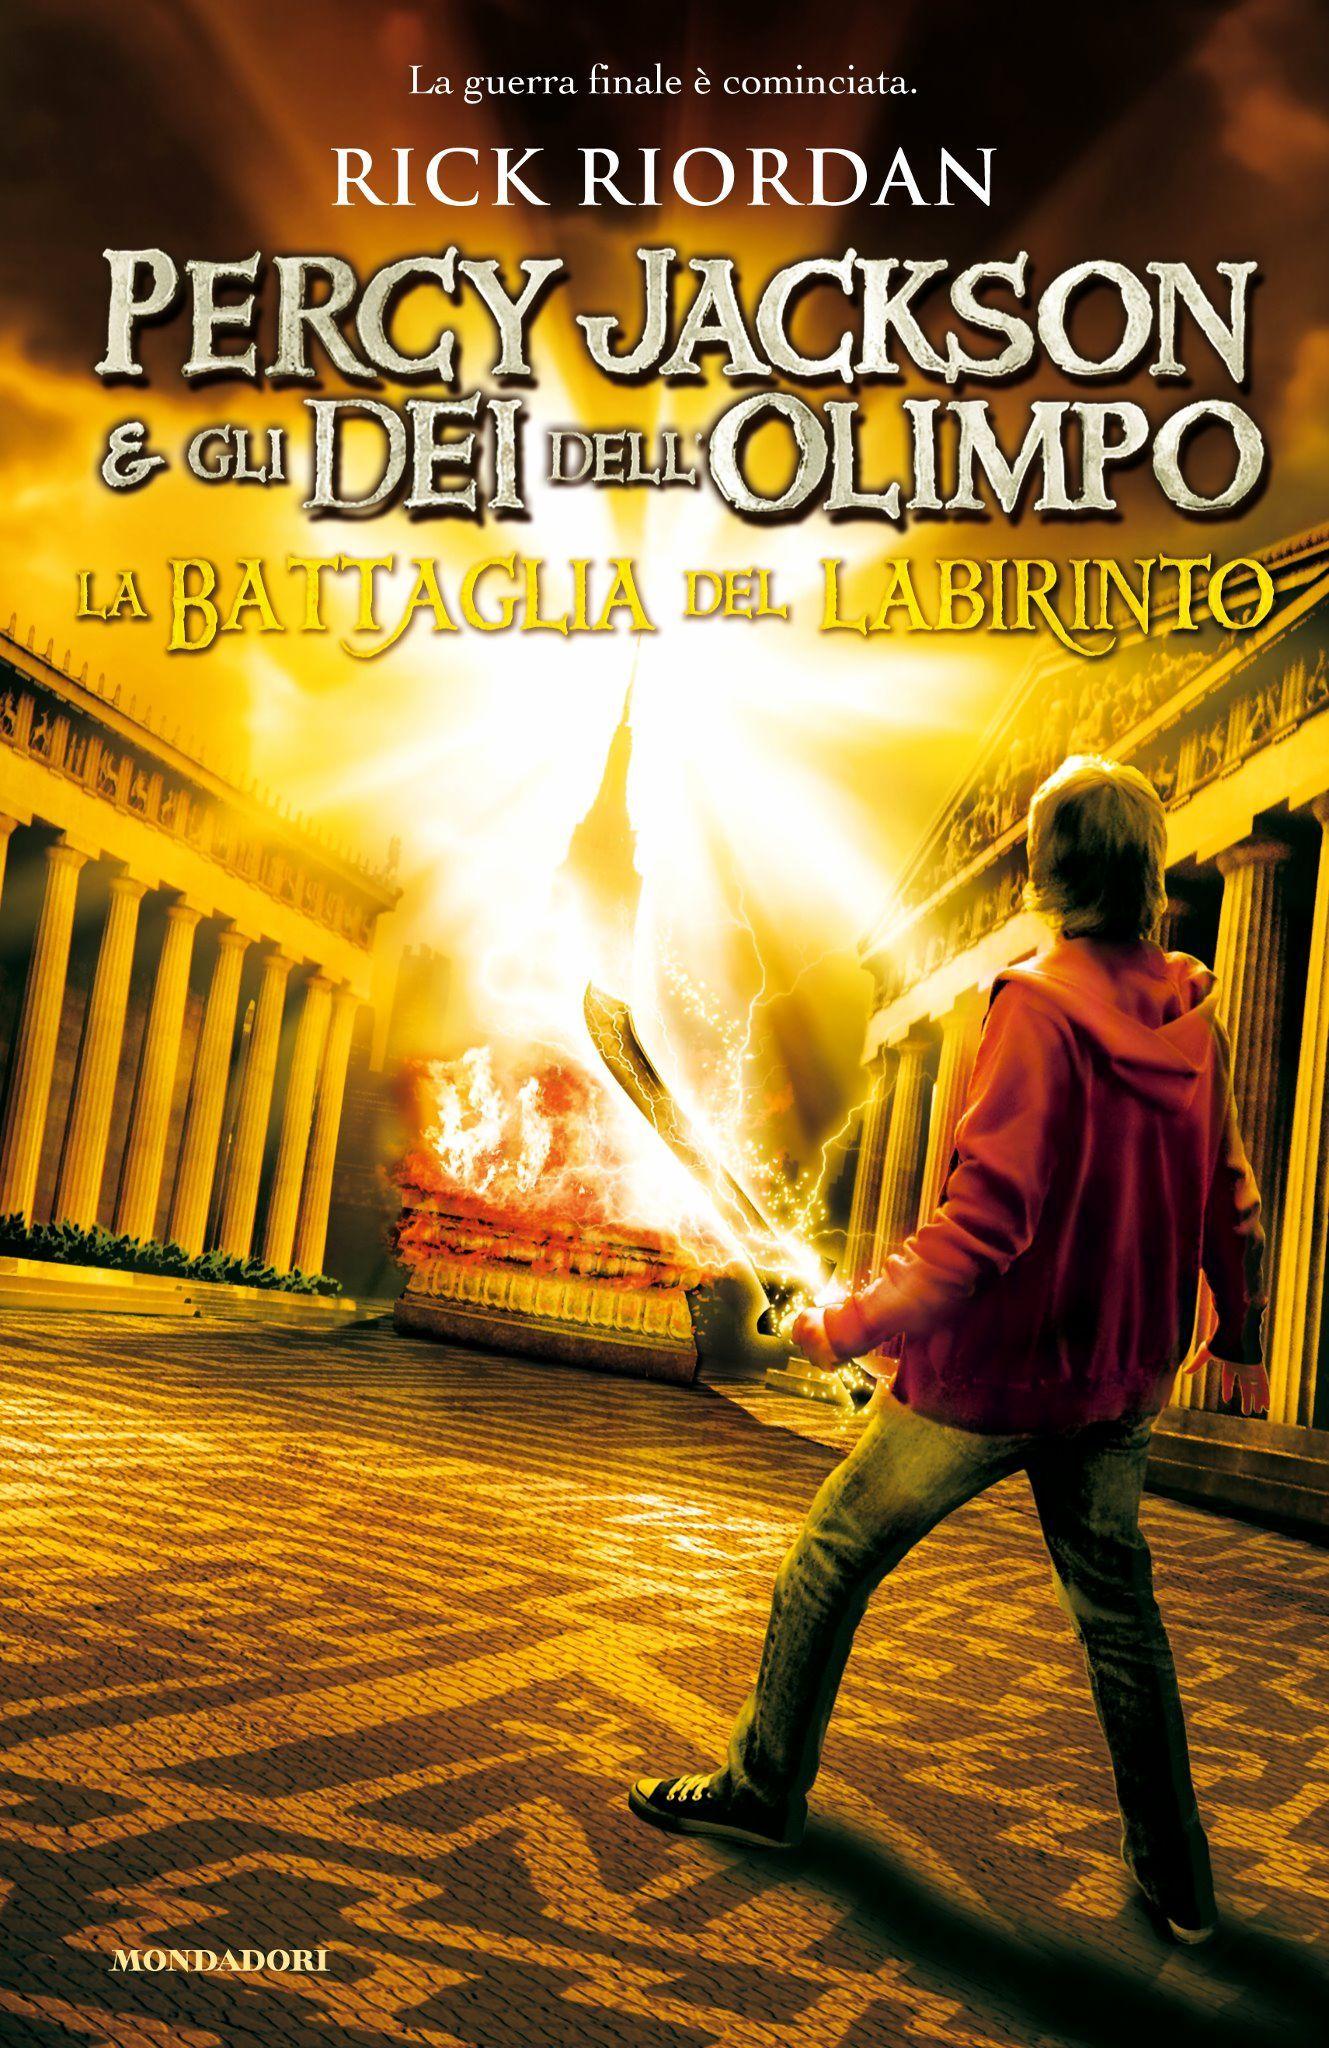 Percy jackson e gli dei dell olimpo la battaglia del labirinto percy jackson e gli dei dell olimpo la battaglia del labirinto fandeluxe Image collections